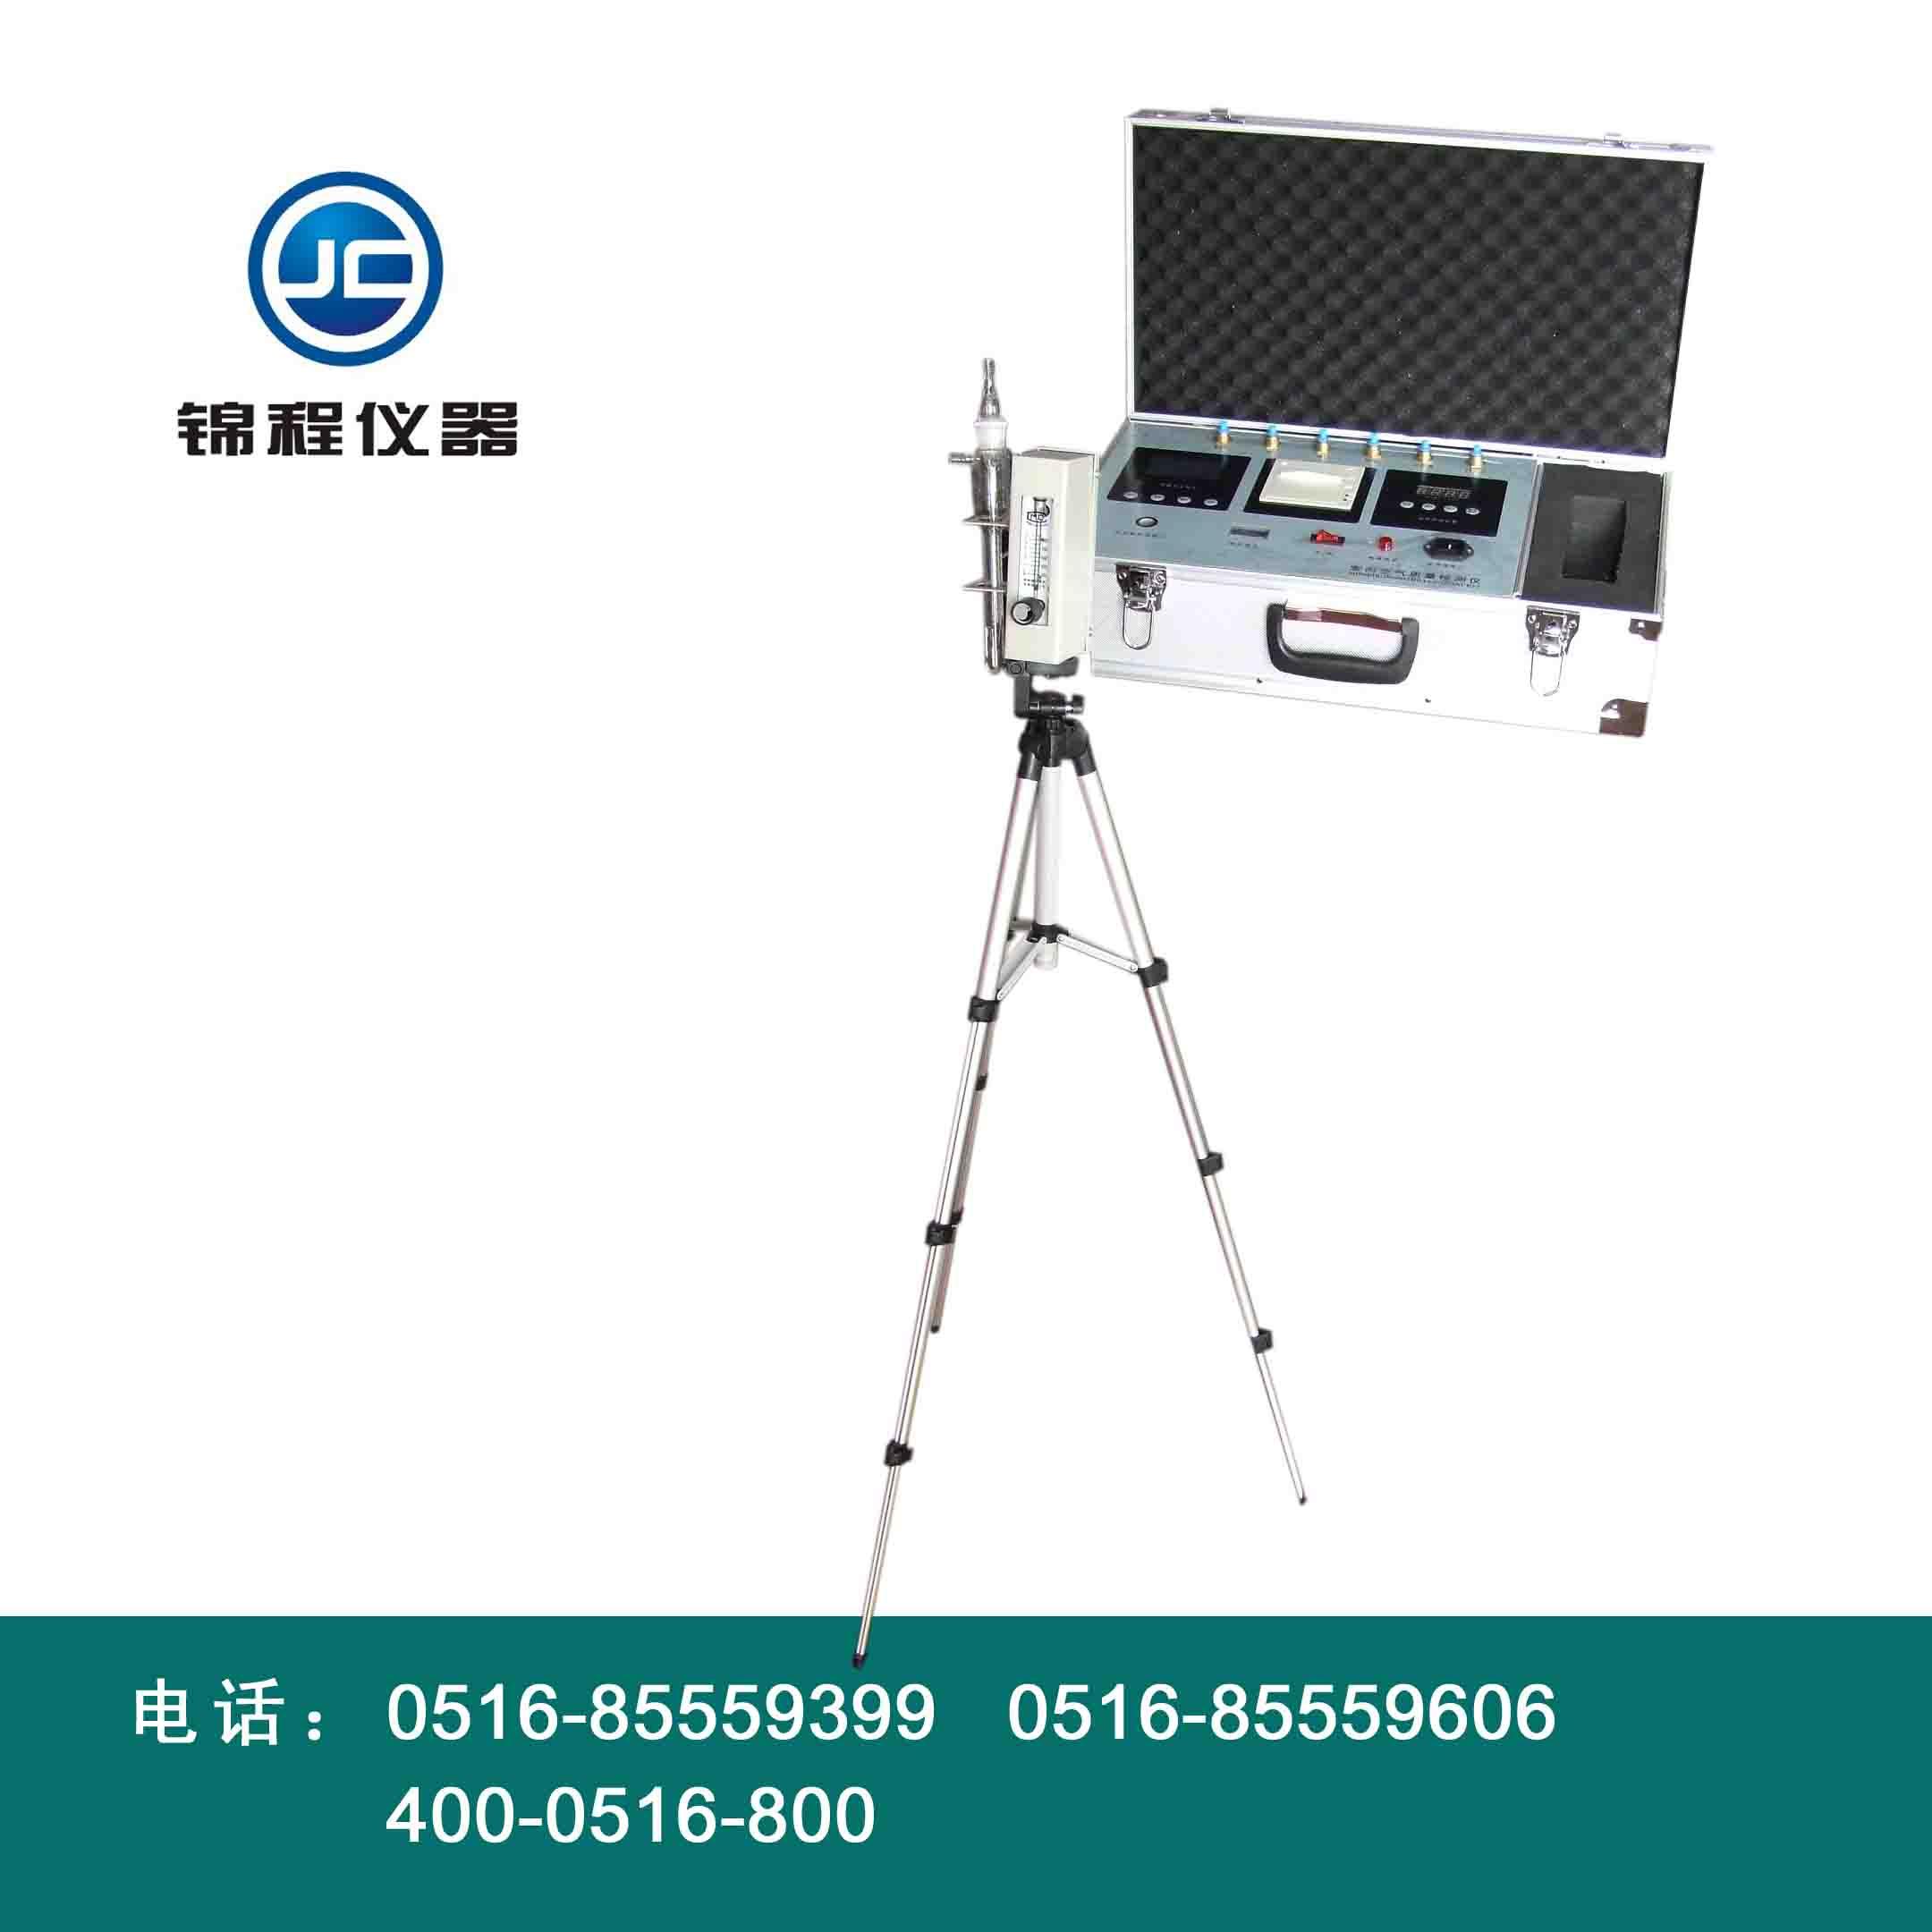 徐州锦程环保仪器有限公司销售部图片